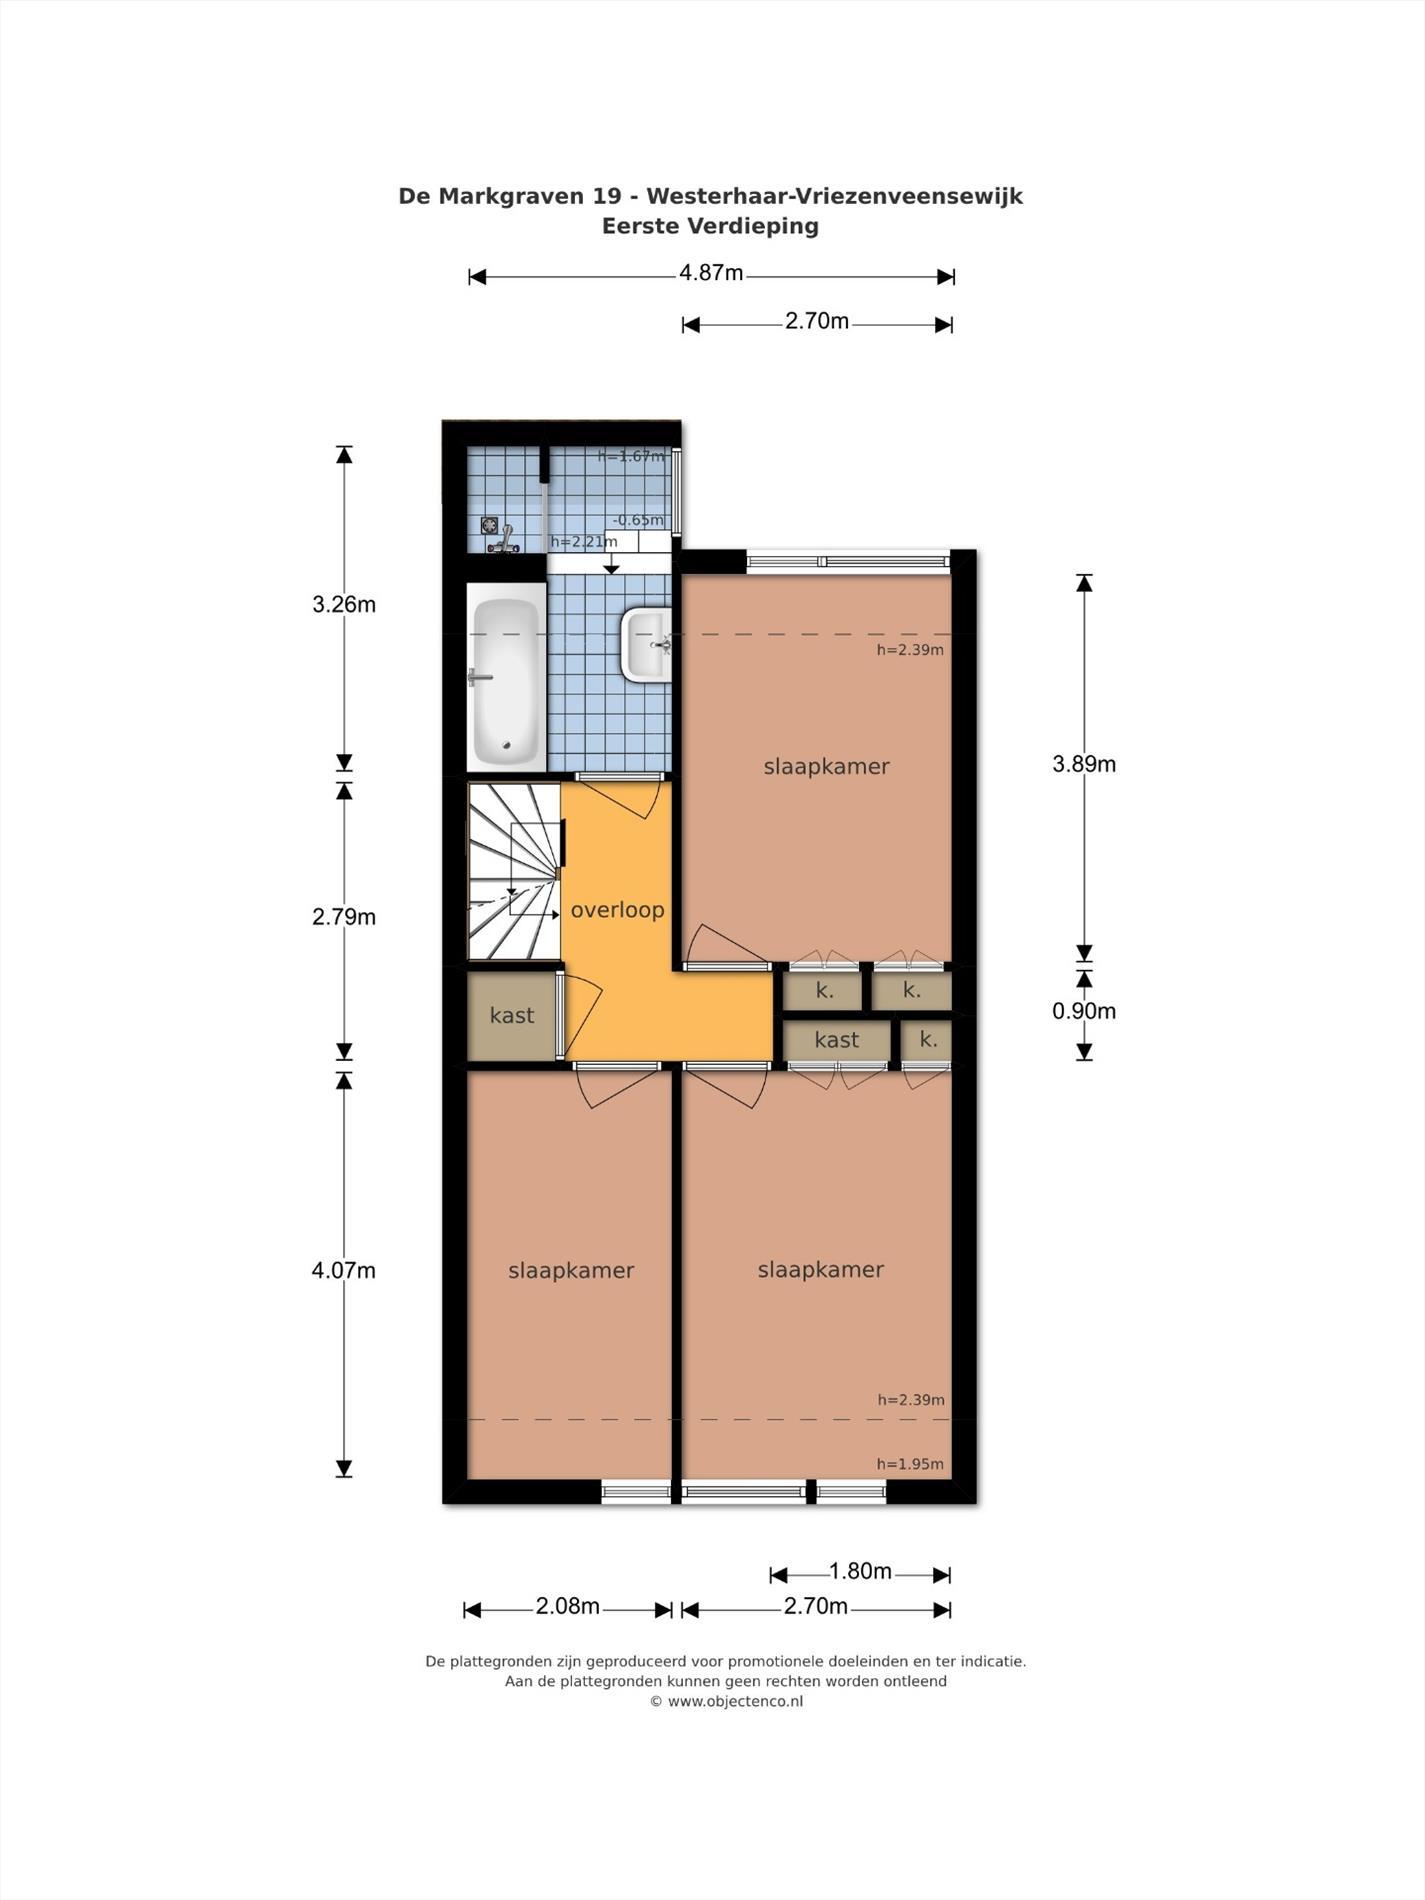 Floorplan - De Markgraven 19, 7676 EH Westerhaar-Vriezenveensewijk